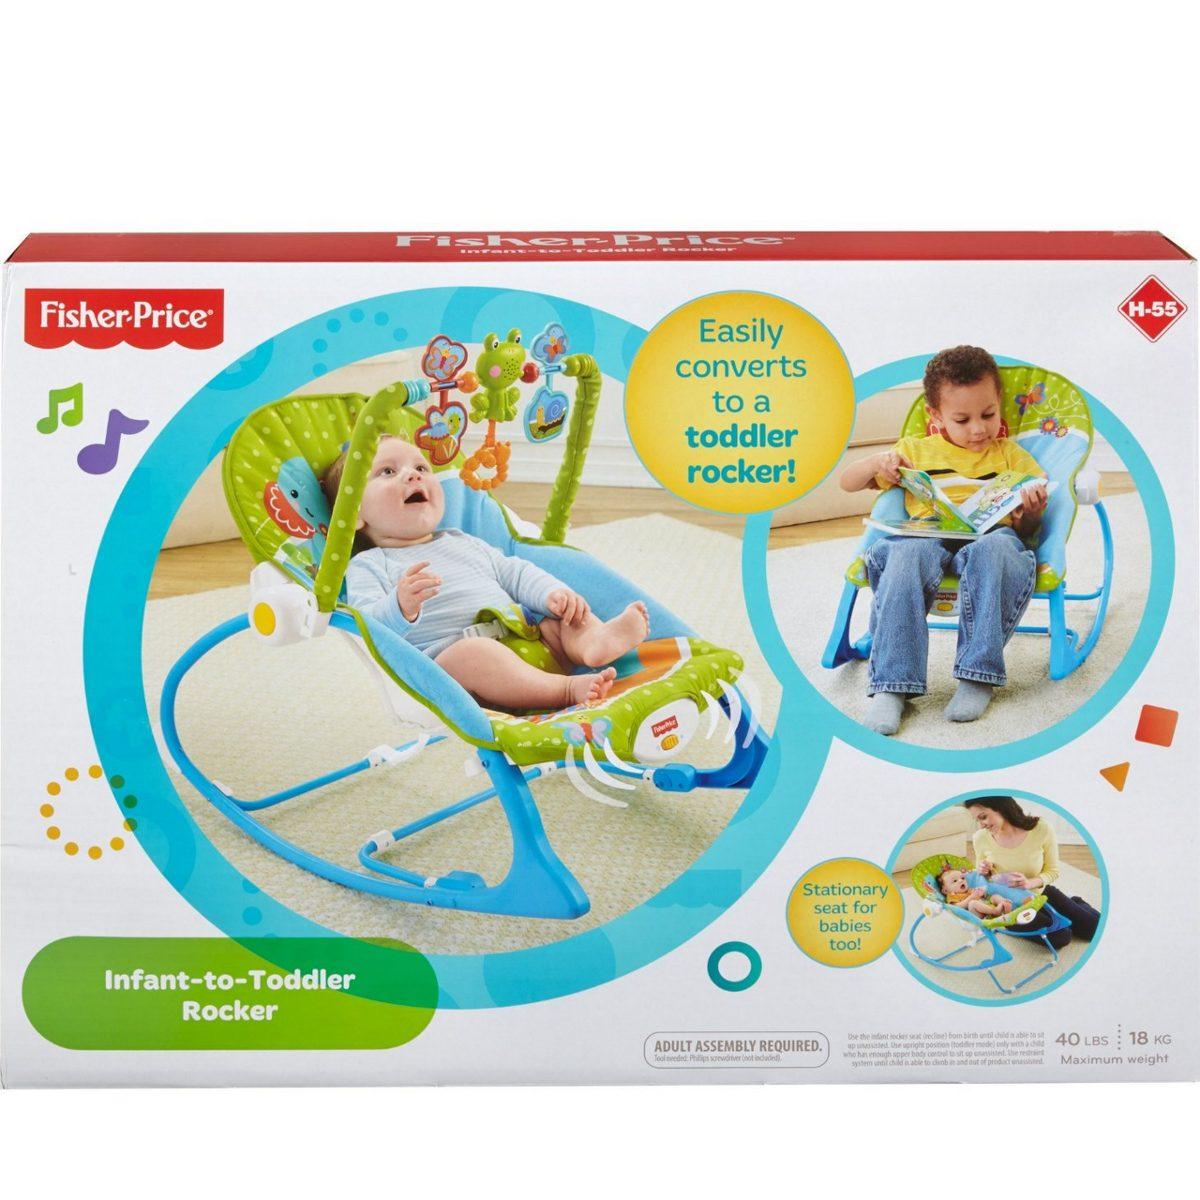 cadeirinha descanso fisher price balan o musical bebe infant r 399 99 em mercado livre. Black Bedroom Furniture Sets. Home Design Ideas